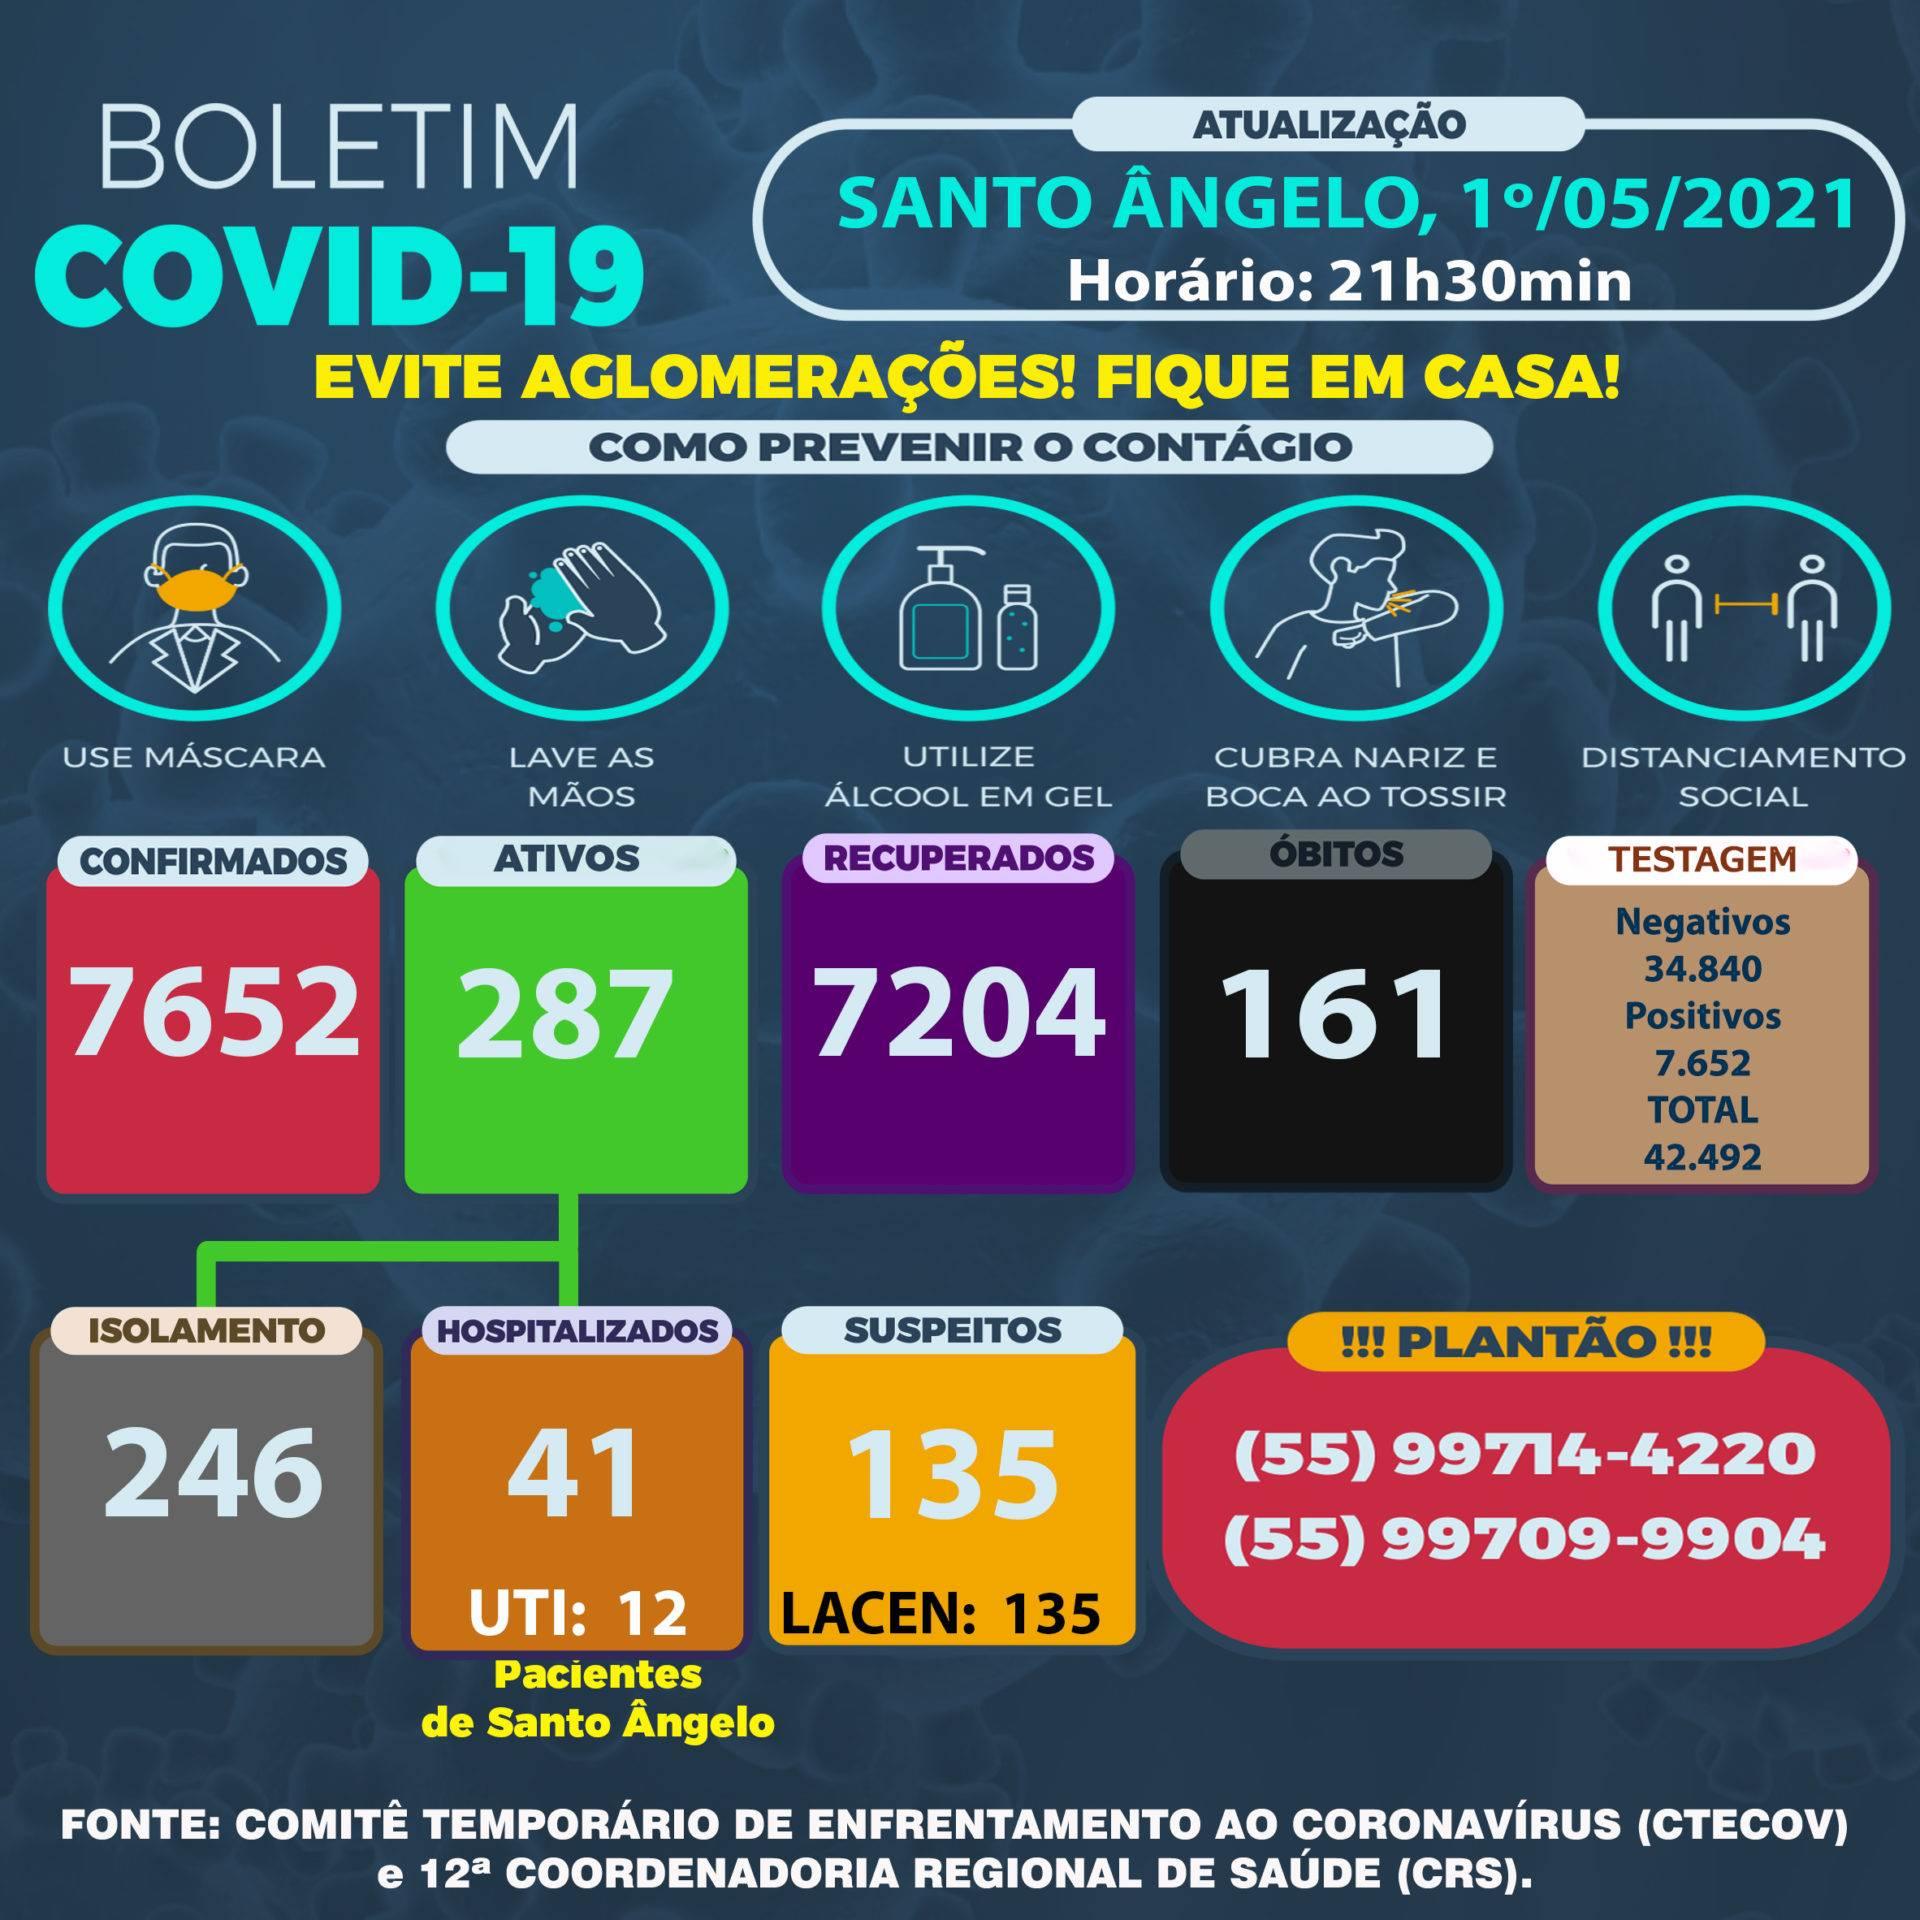 Abril encerra com 42 óbitos e Maio inicia com 42 casos positivos em Santo Ângelo